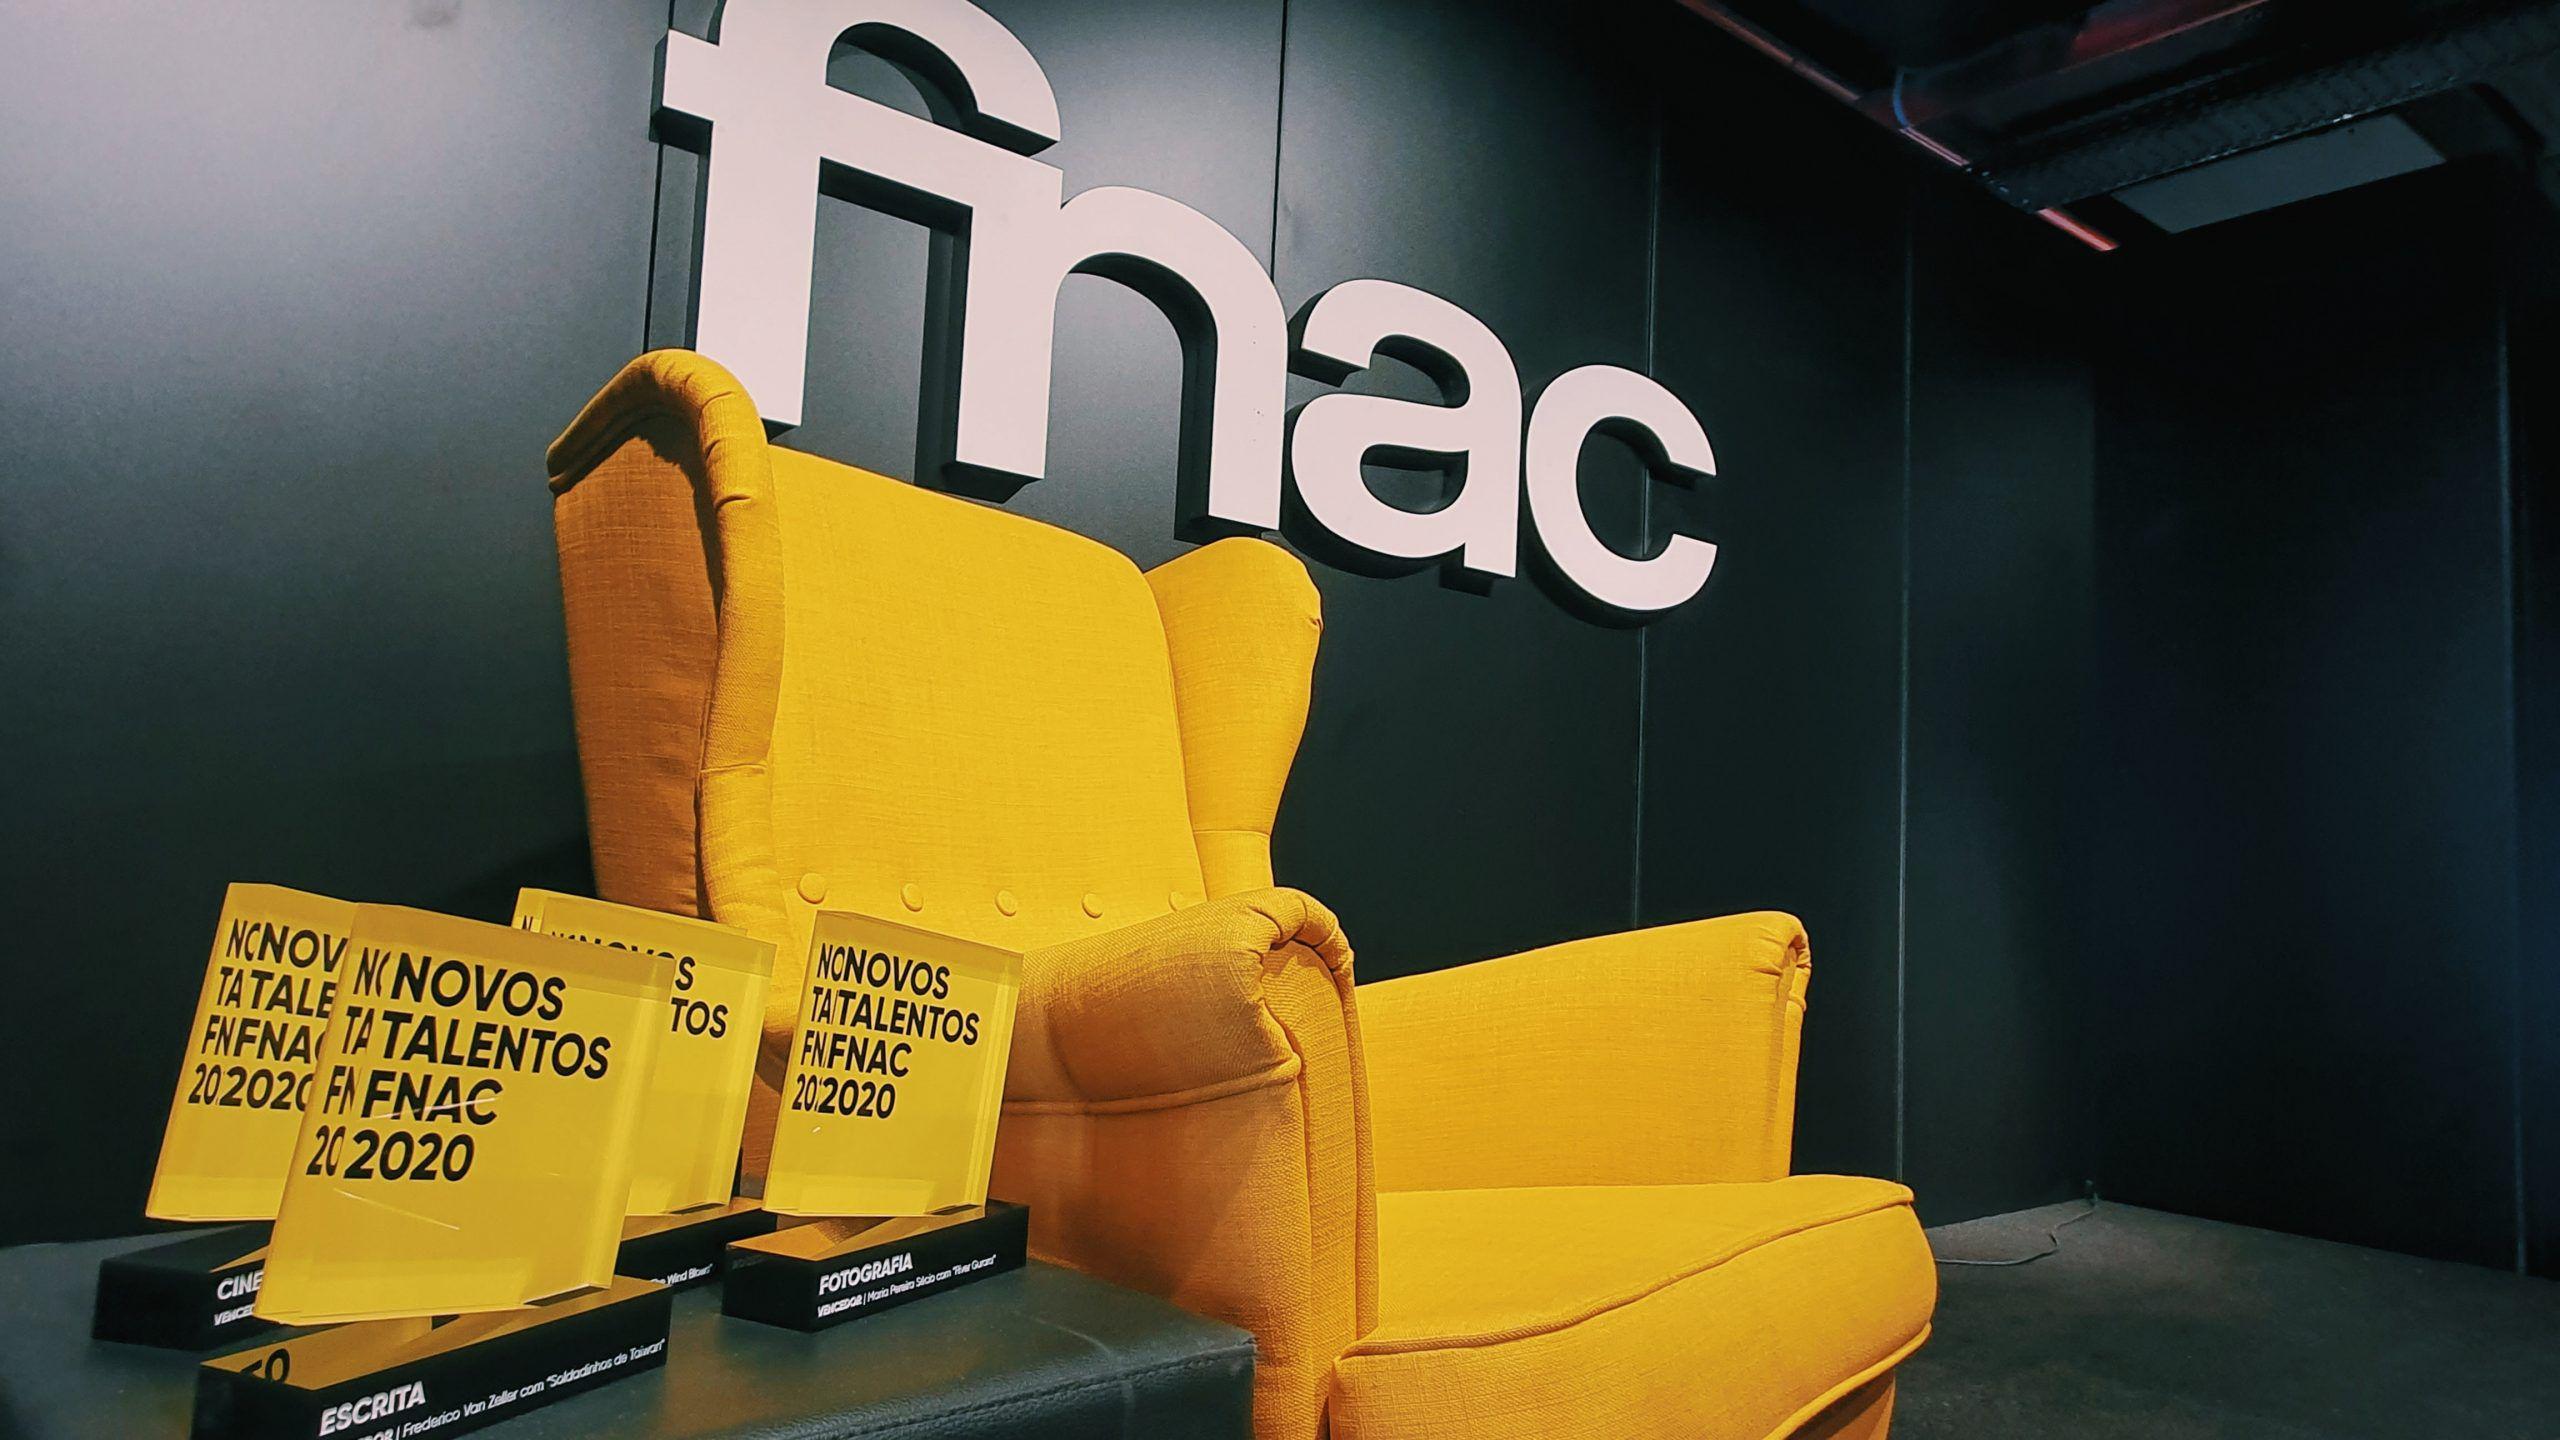 Já são conhecidos os vencedores da 18.ª edição dos Novos Talentos Fnac